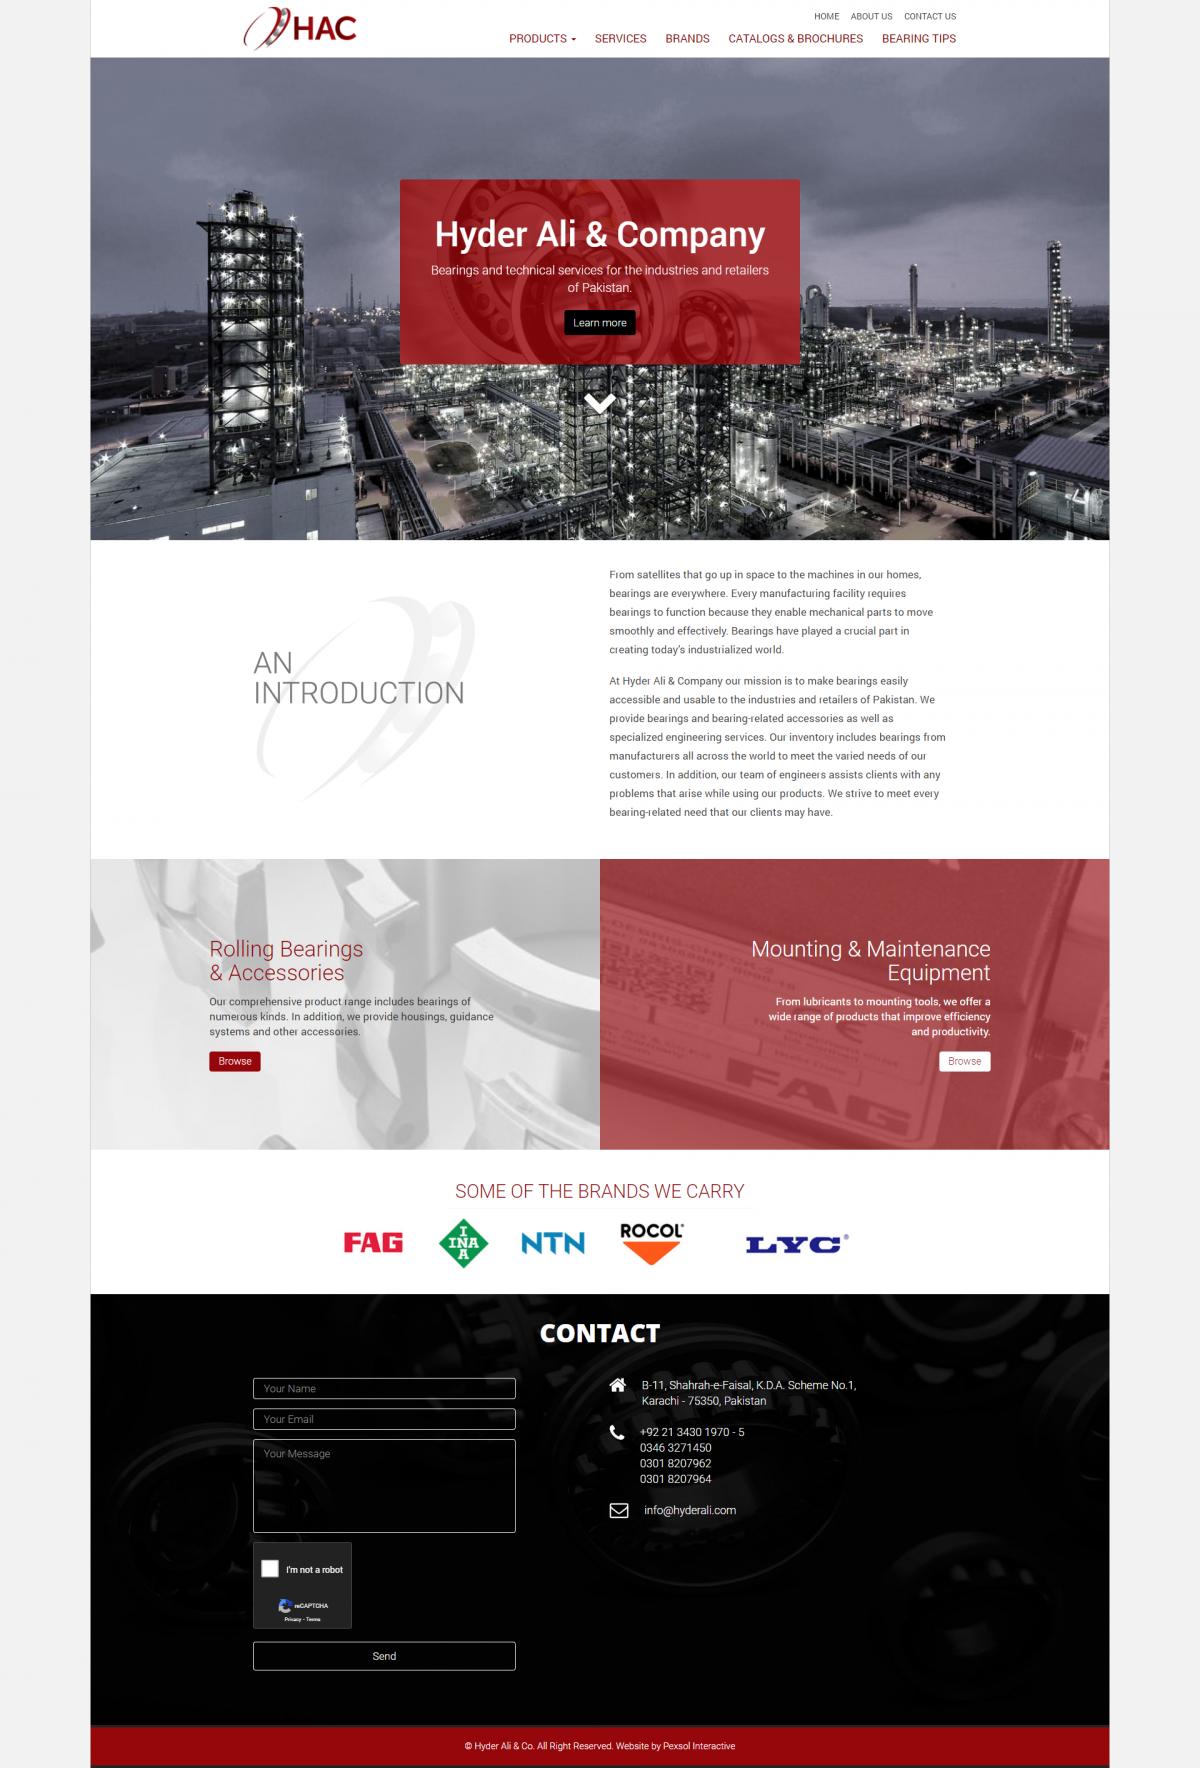 Hyder Ali & Co Website Mockup